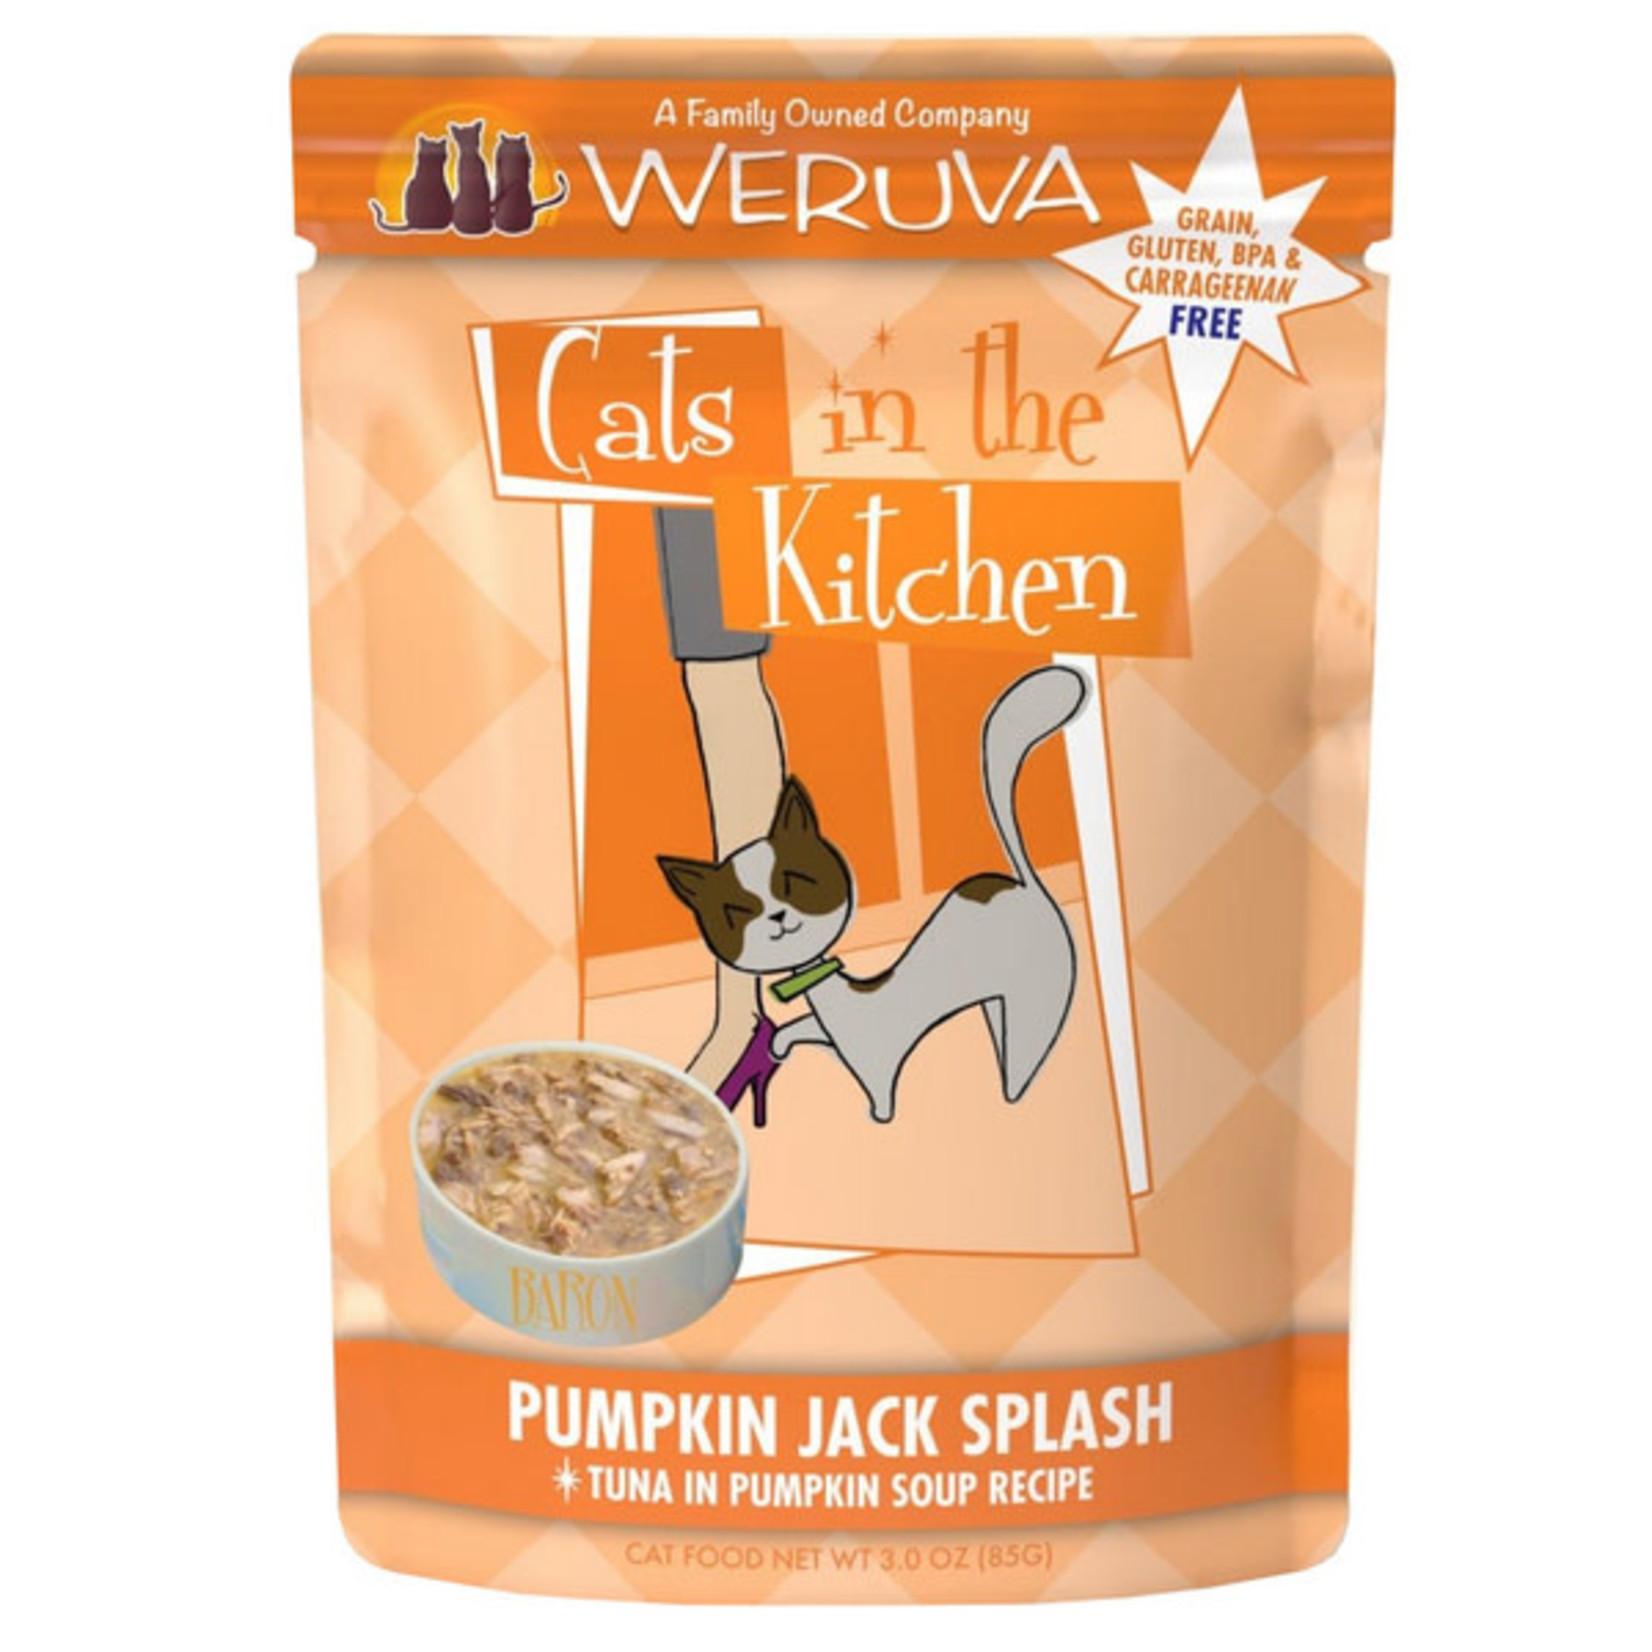 Weruva Weruva Cats in the kitchen Tuna in pumpkin soup